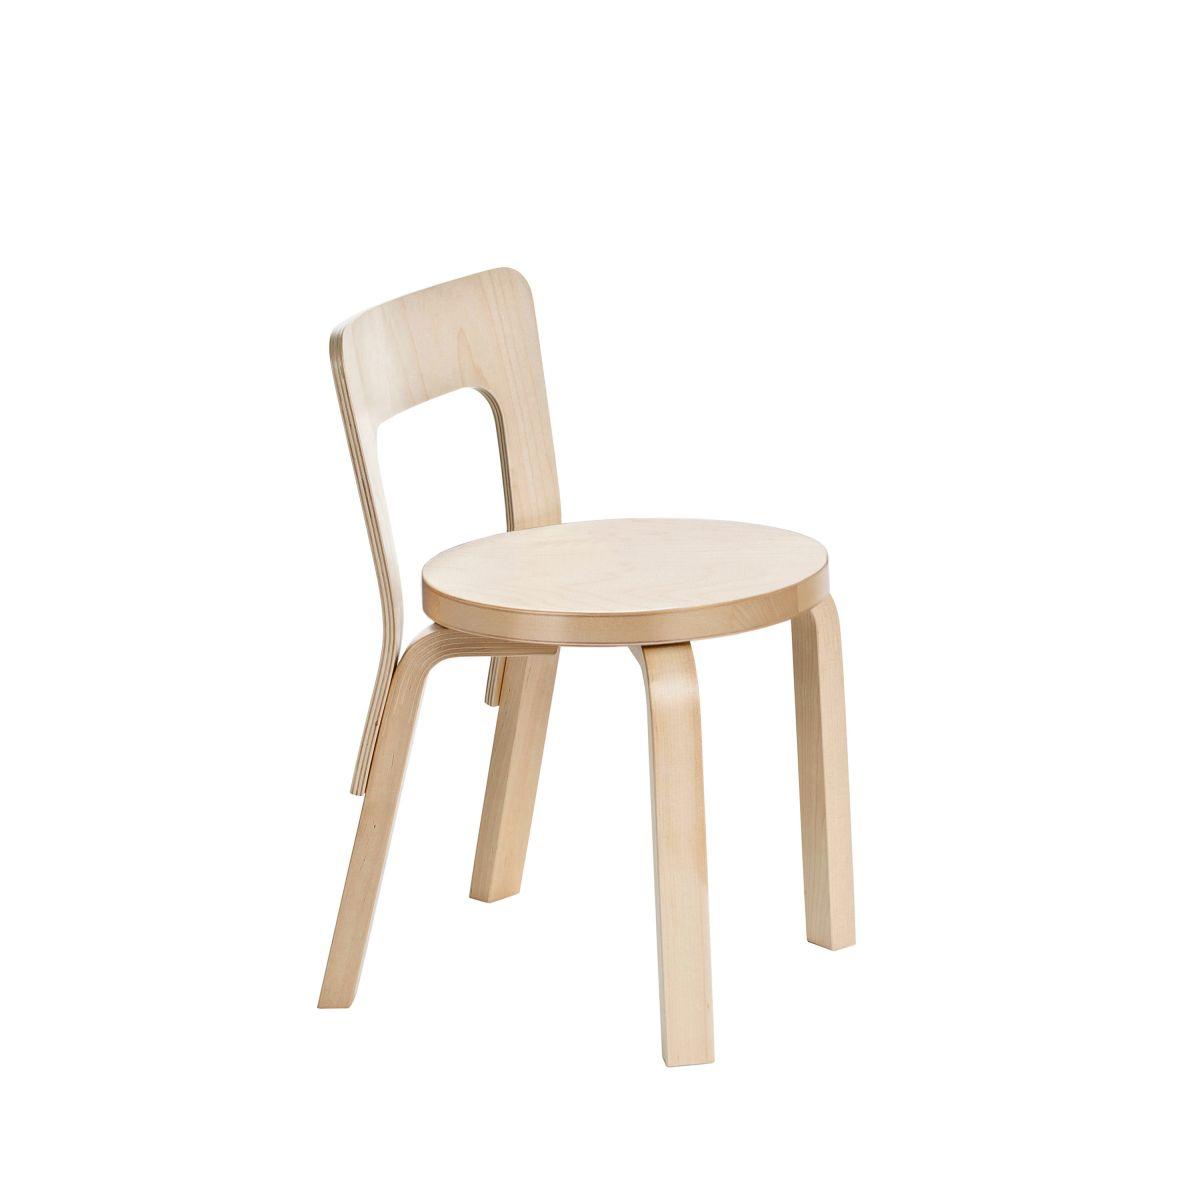 Children's Chair N65 legs birch_seat birch